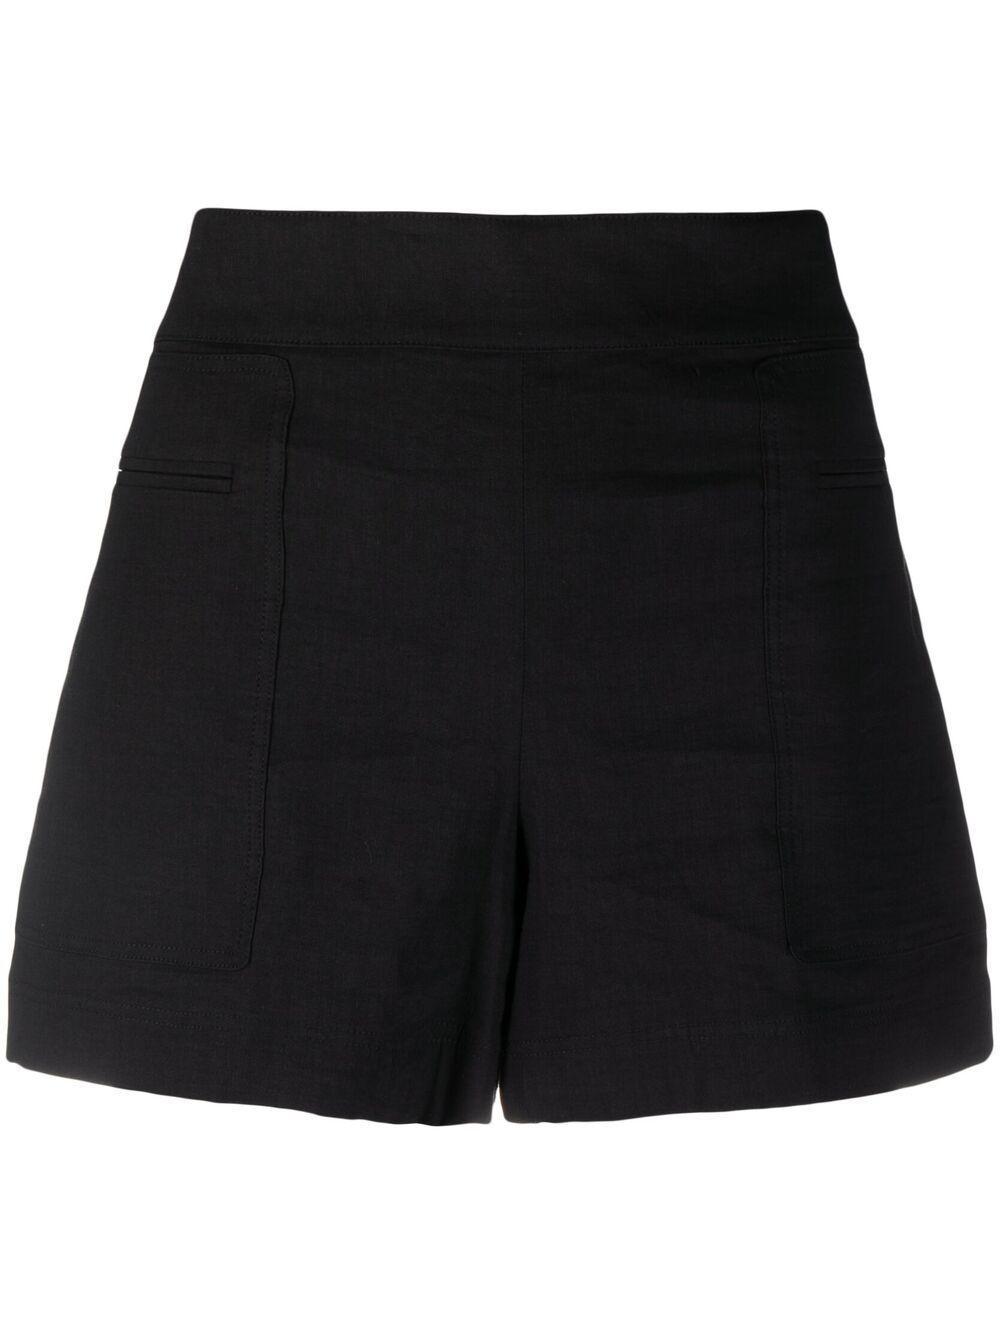 Mini Utility Shorts Item # L0203203